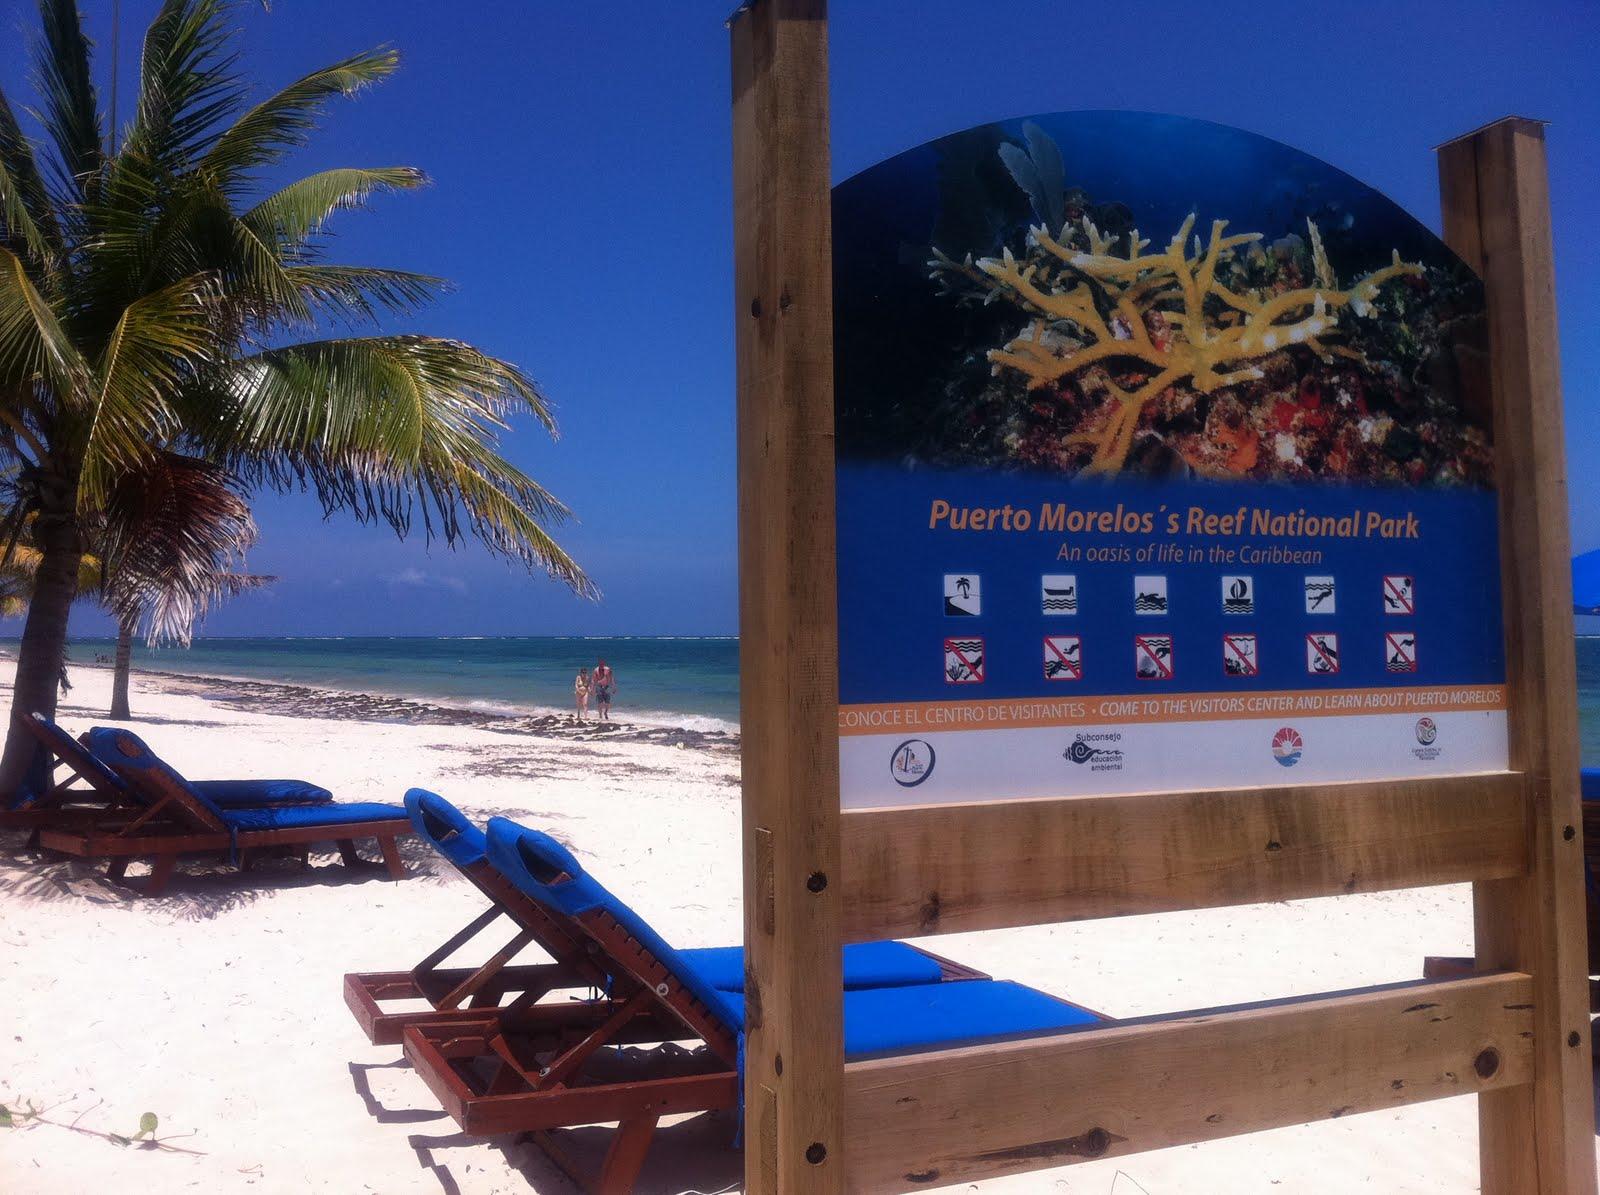 www hoteles discoverymexico com mx: